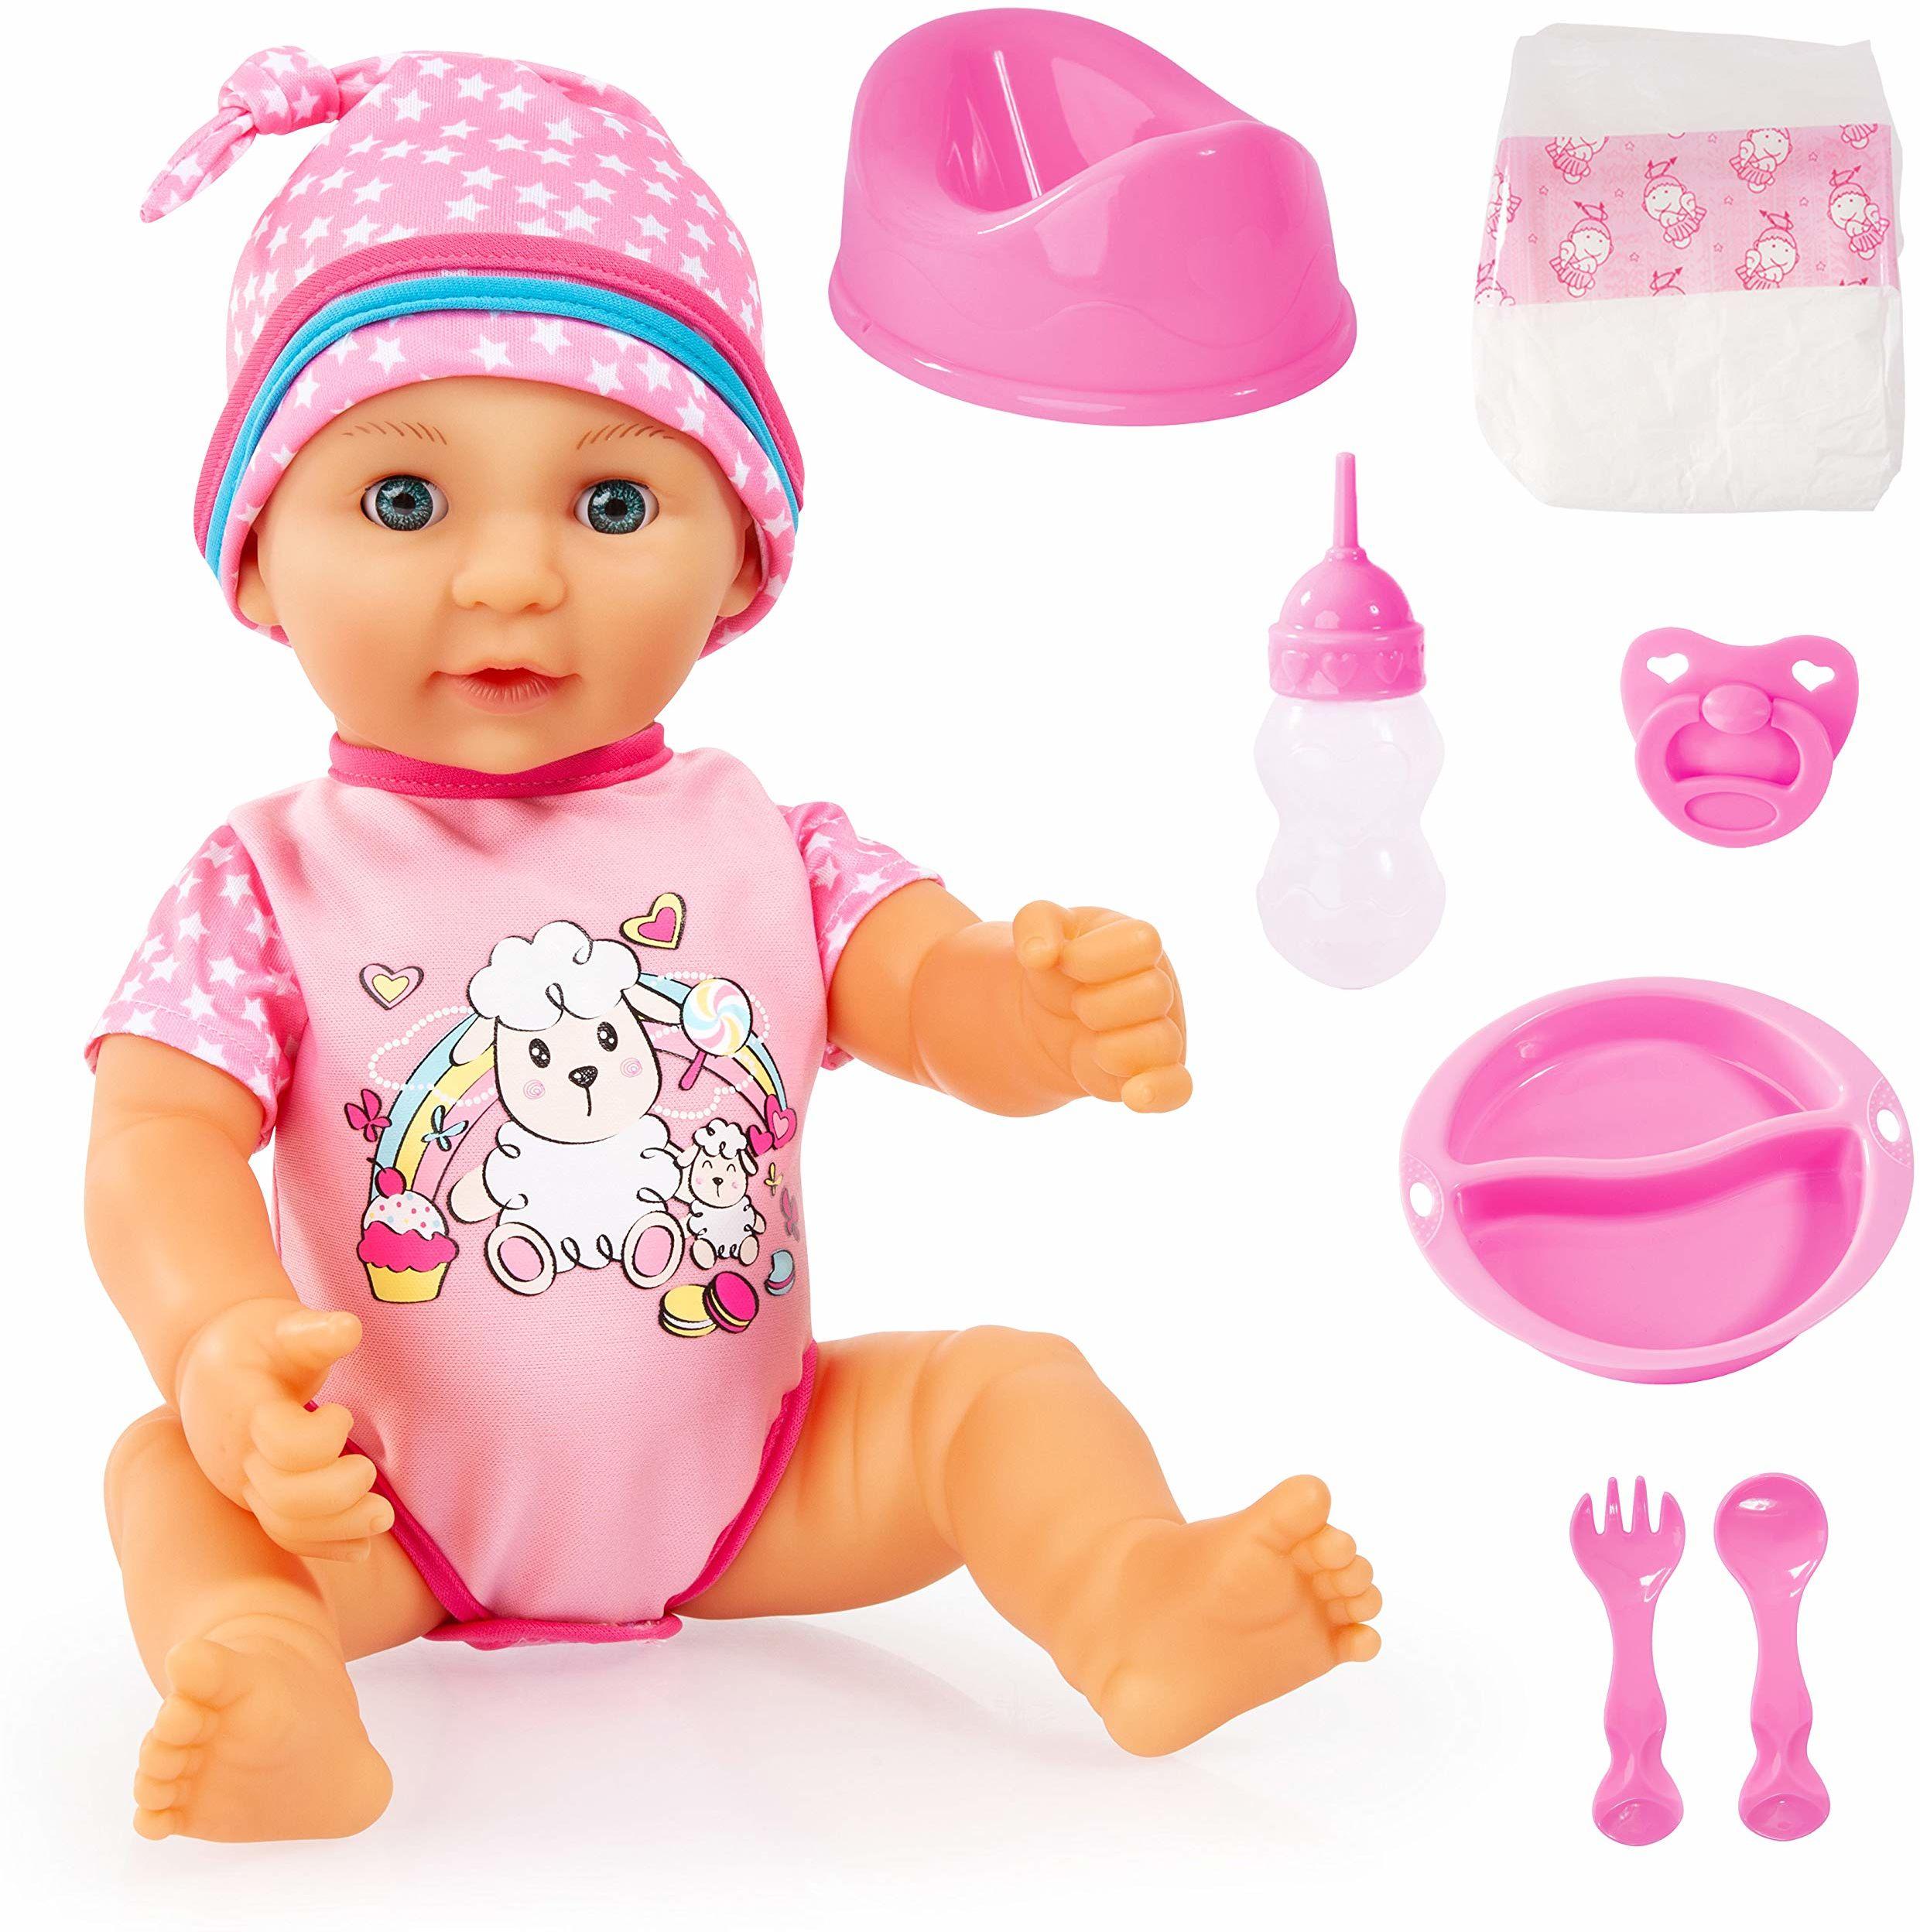 Bayer Design 94073AD, Lisa noworodka 38 cm, lalka z twardym ciałem z akcesoriami i oczami do spania